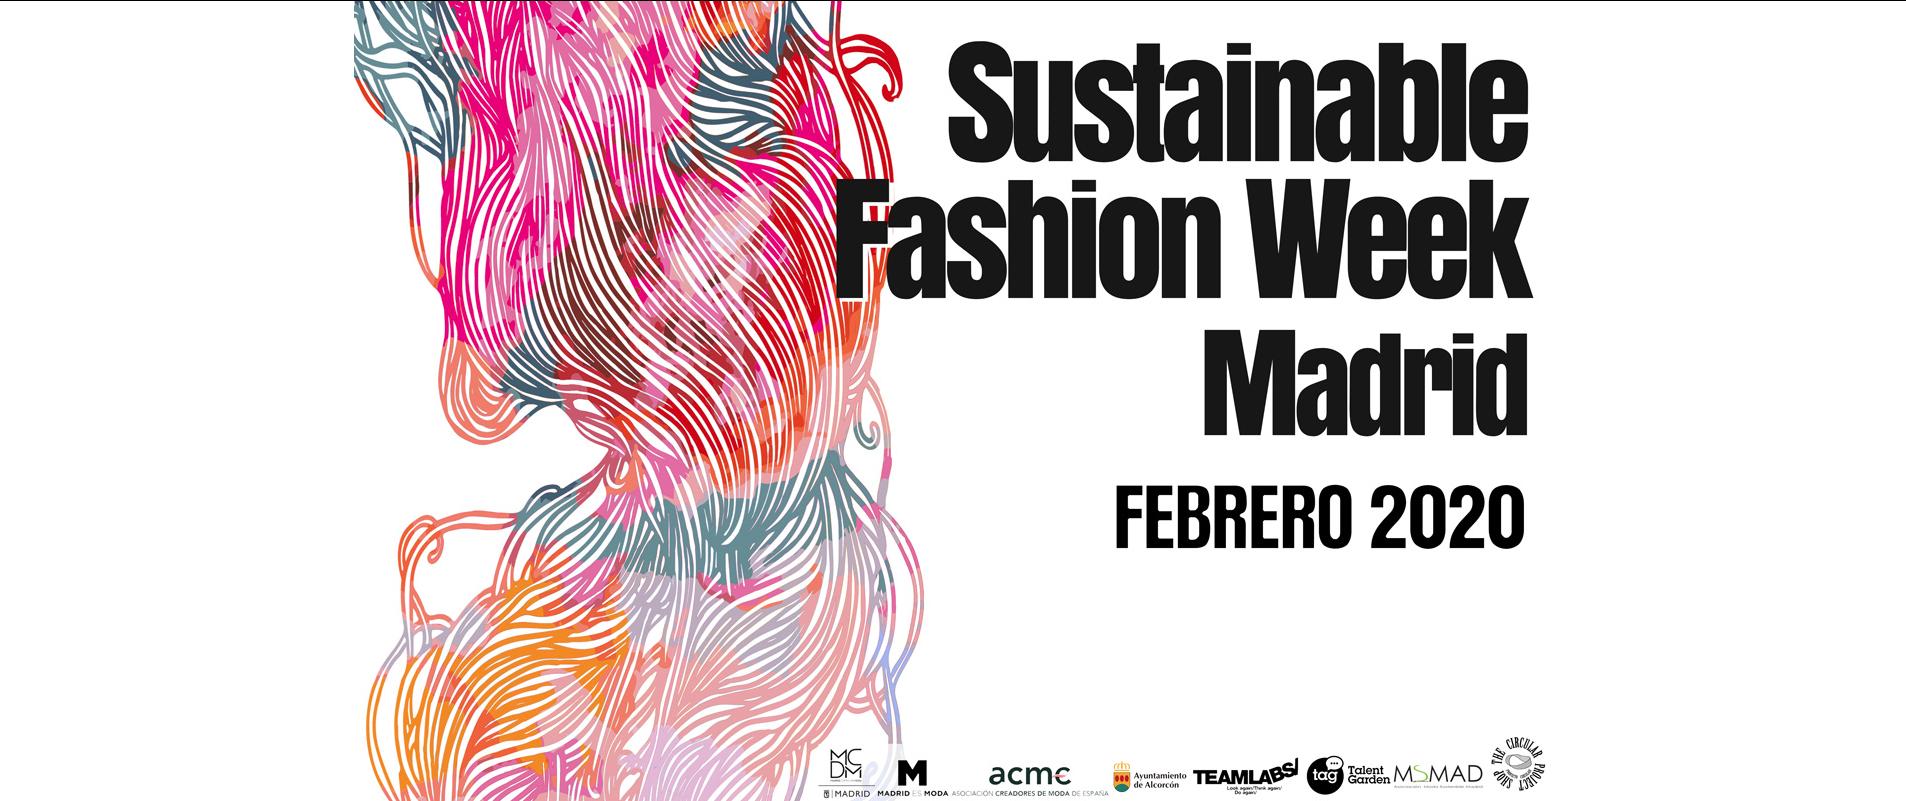 Sustainable Fashion Week 2020 Madrid El mundo ecologico moda sostenible